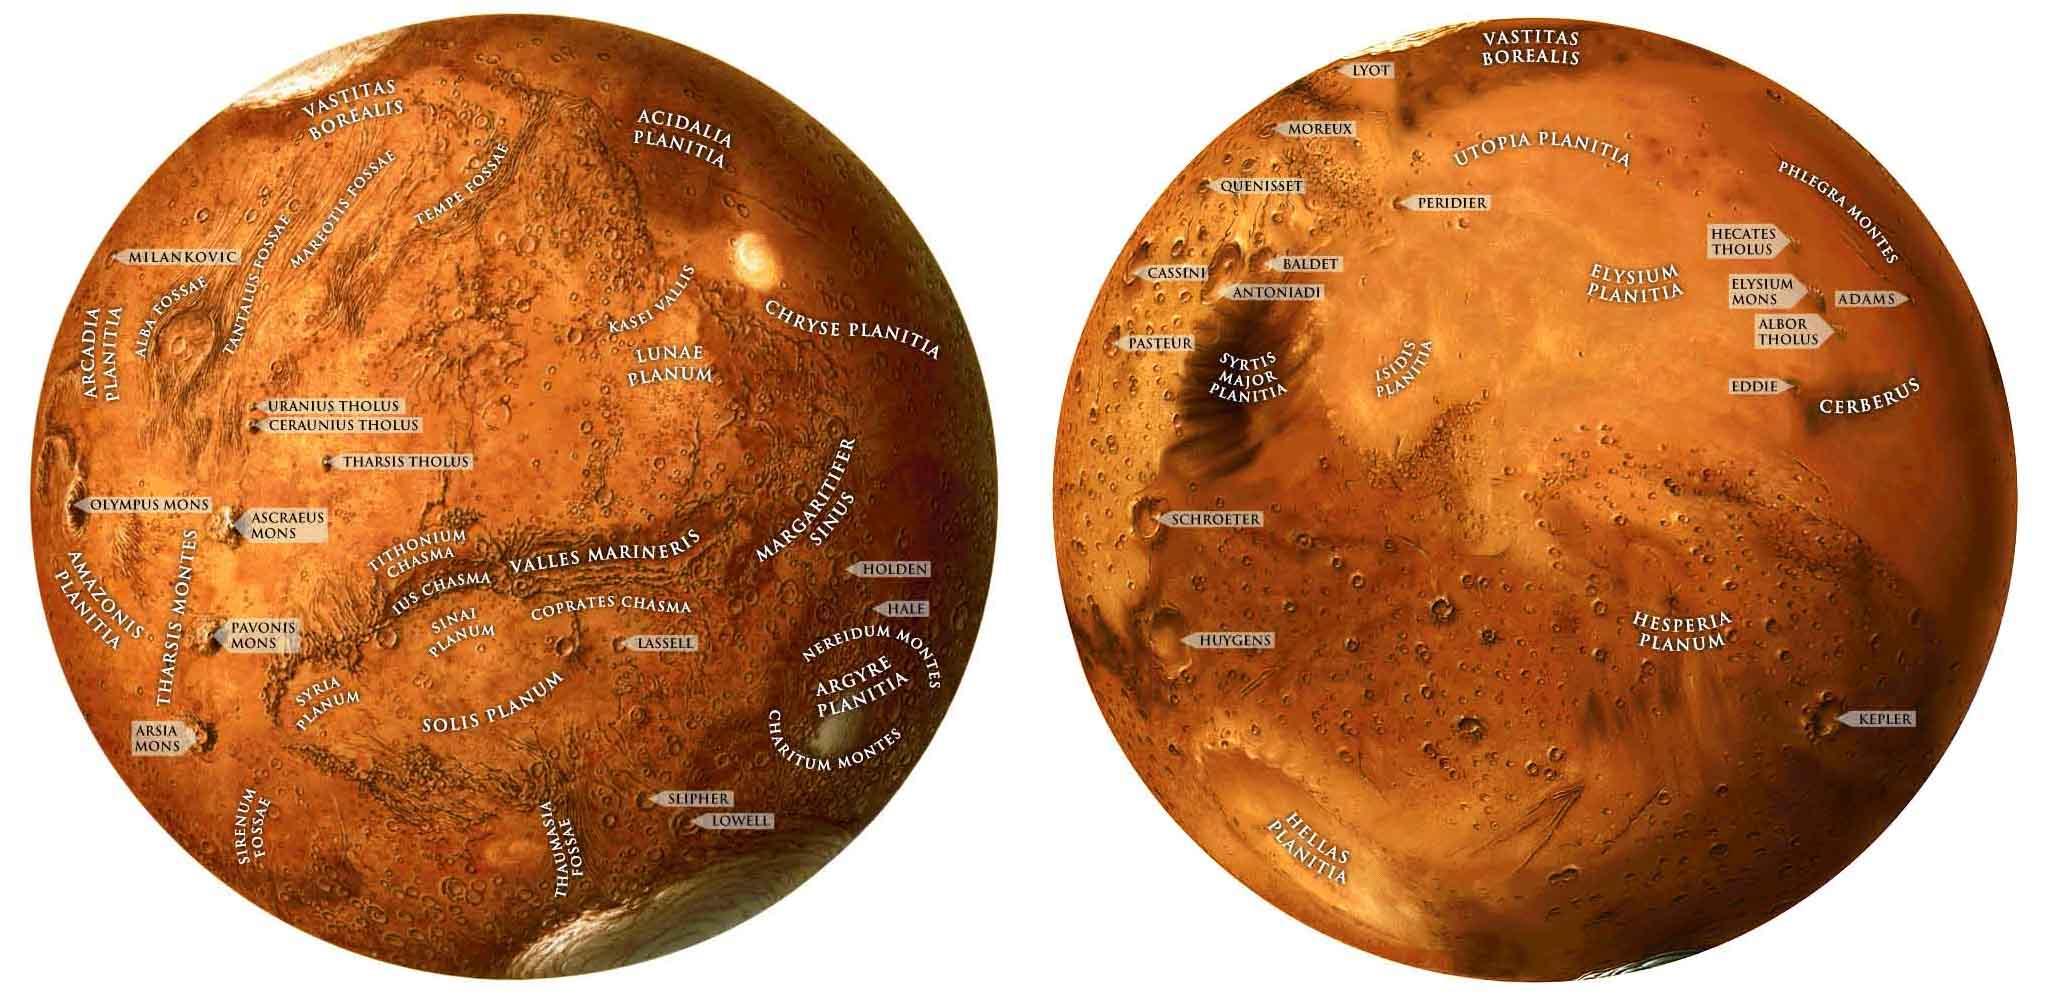 Наглядная карта с обозначениями